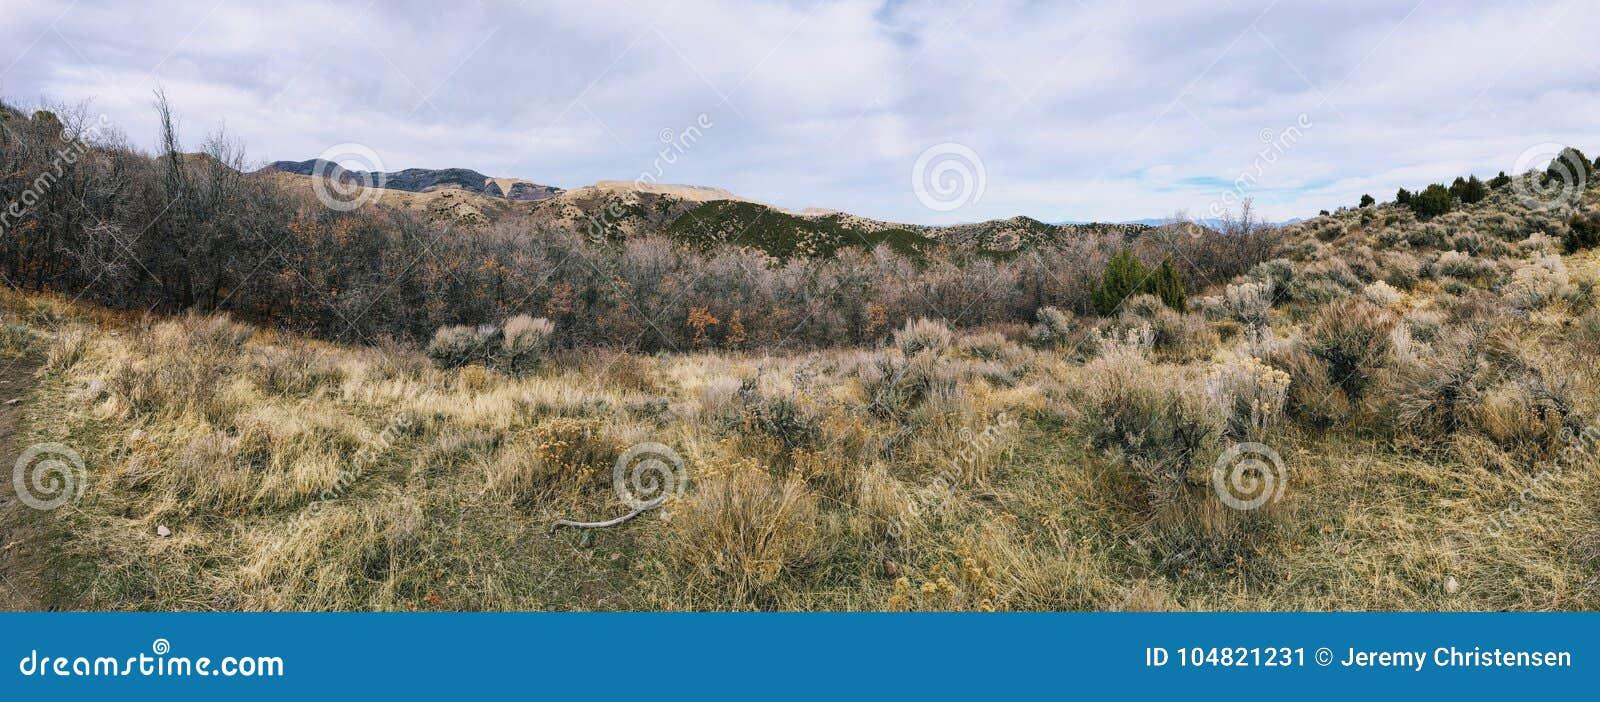 La foresta recente di panorama di caduta osserva l escursione, ciclismo, a cavallo trascina attraverso gli alberi sulla forcella